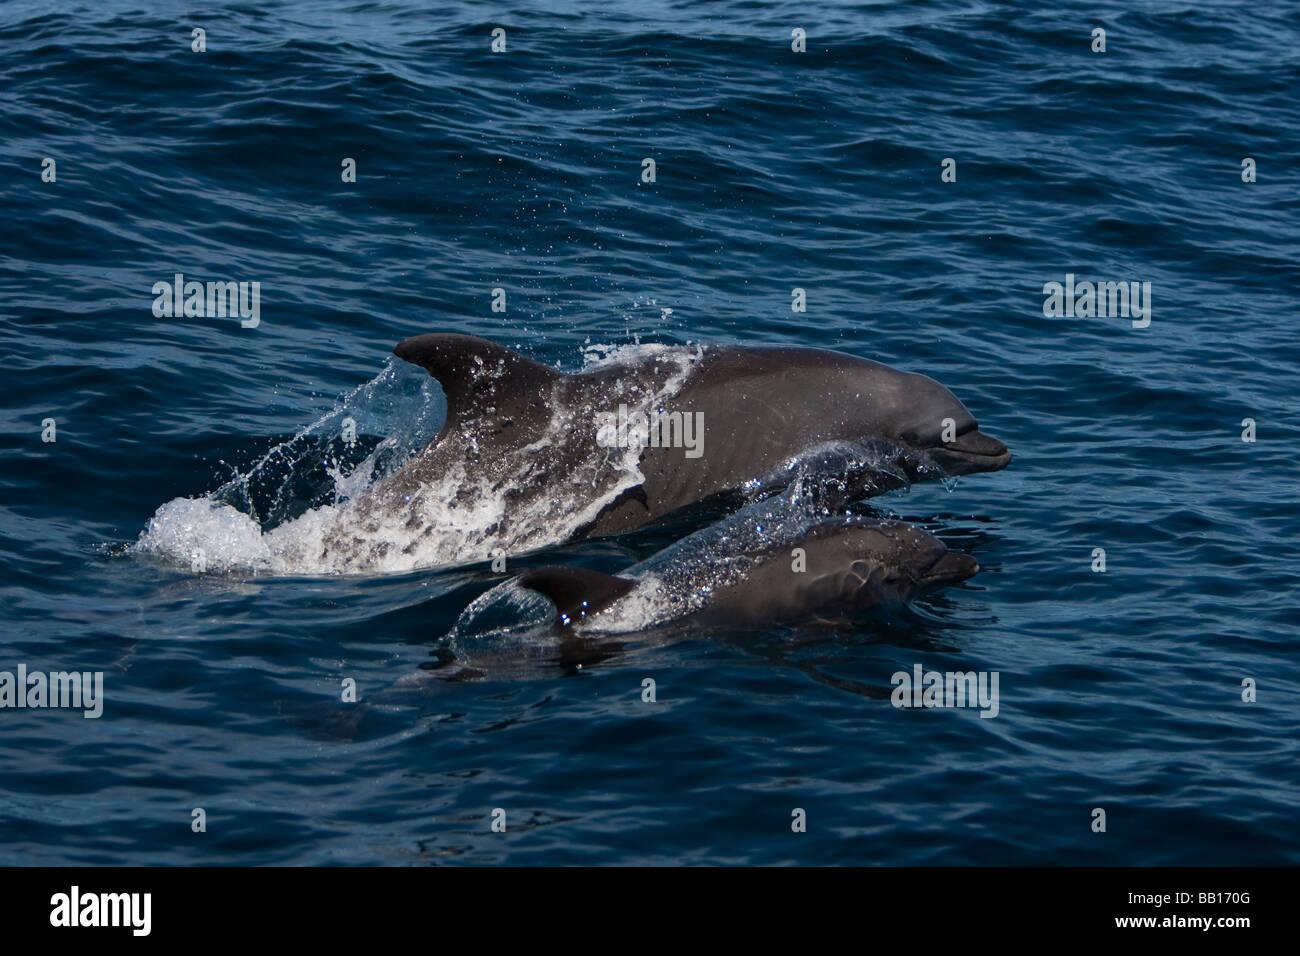 Bottlenose Dolphin tursiops truncatus Großer Tümmler mother and calf pair surfacing - Stock Image